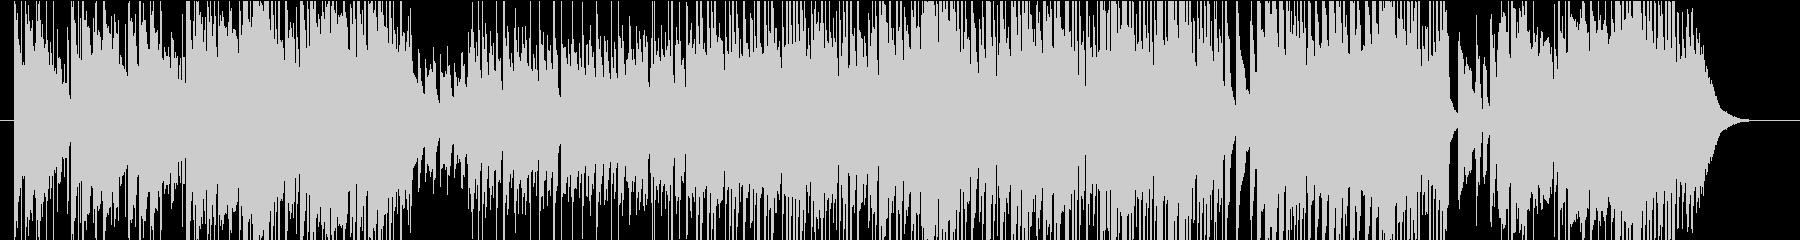 エスニックでミステリアスなBGMの未再生の波形